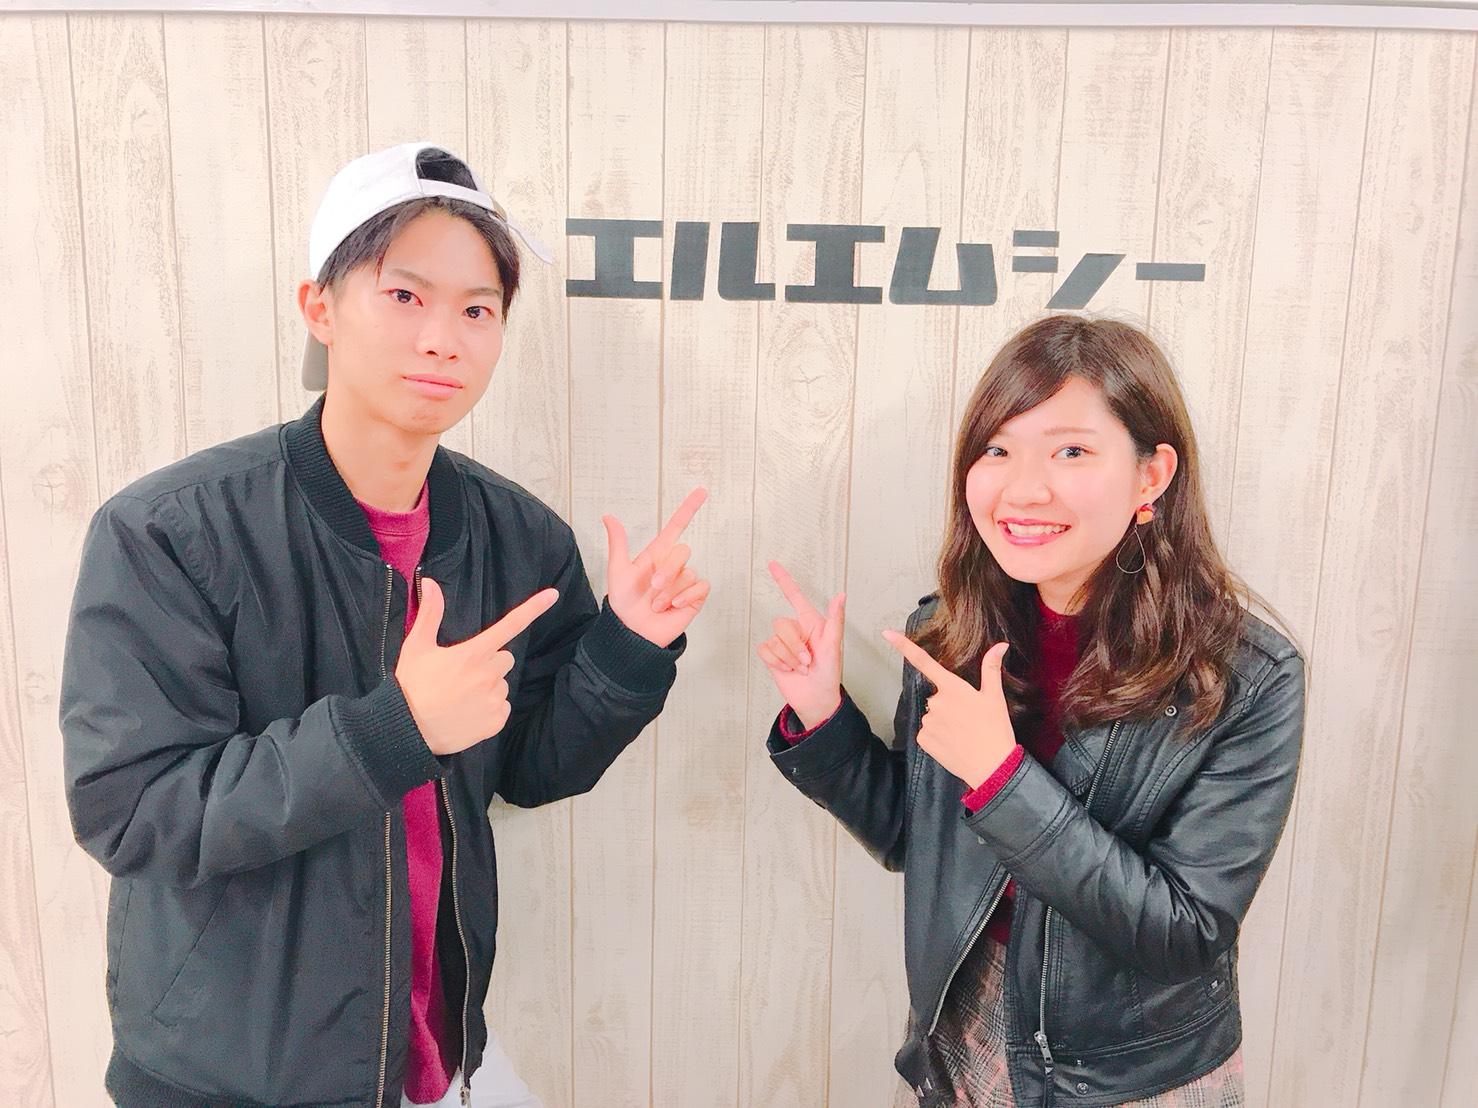 【福岡19卒:福岡大学】将来への不安と自分への自信の無さを払拭するためにLMCに入会することを決めました。